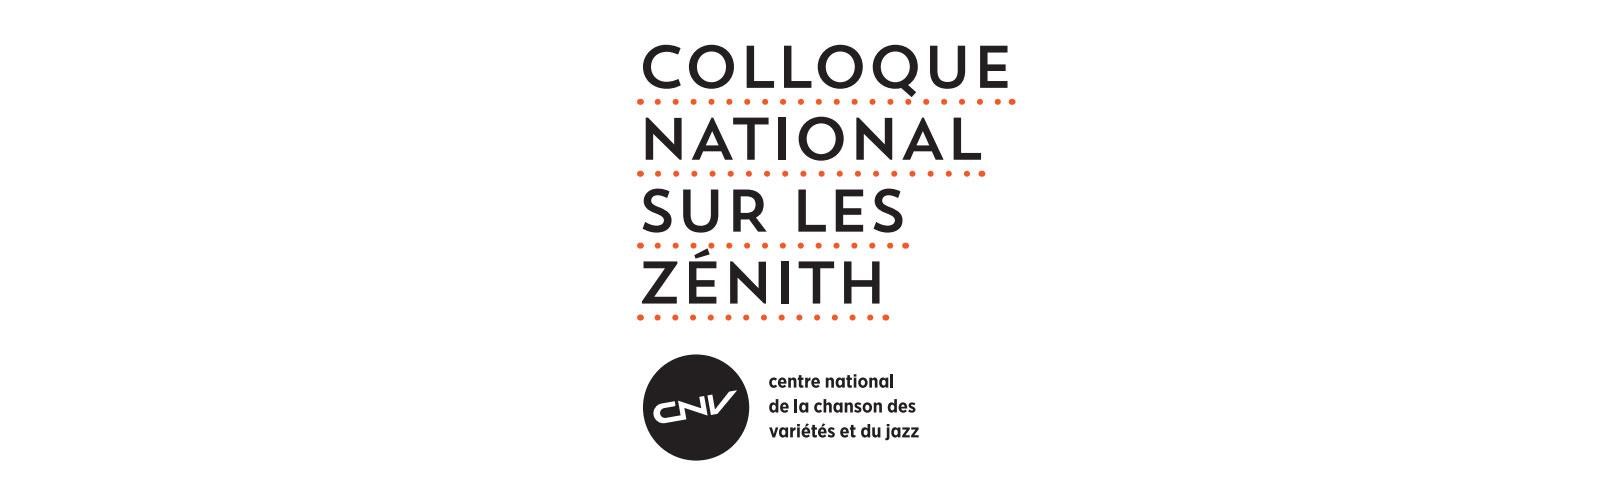 colloque-national-sur-les-zenith-2013